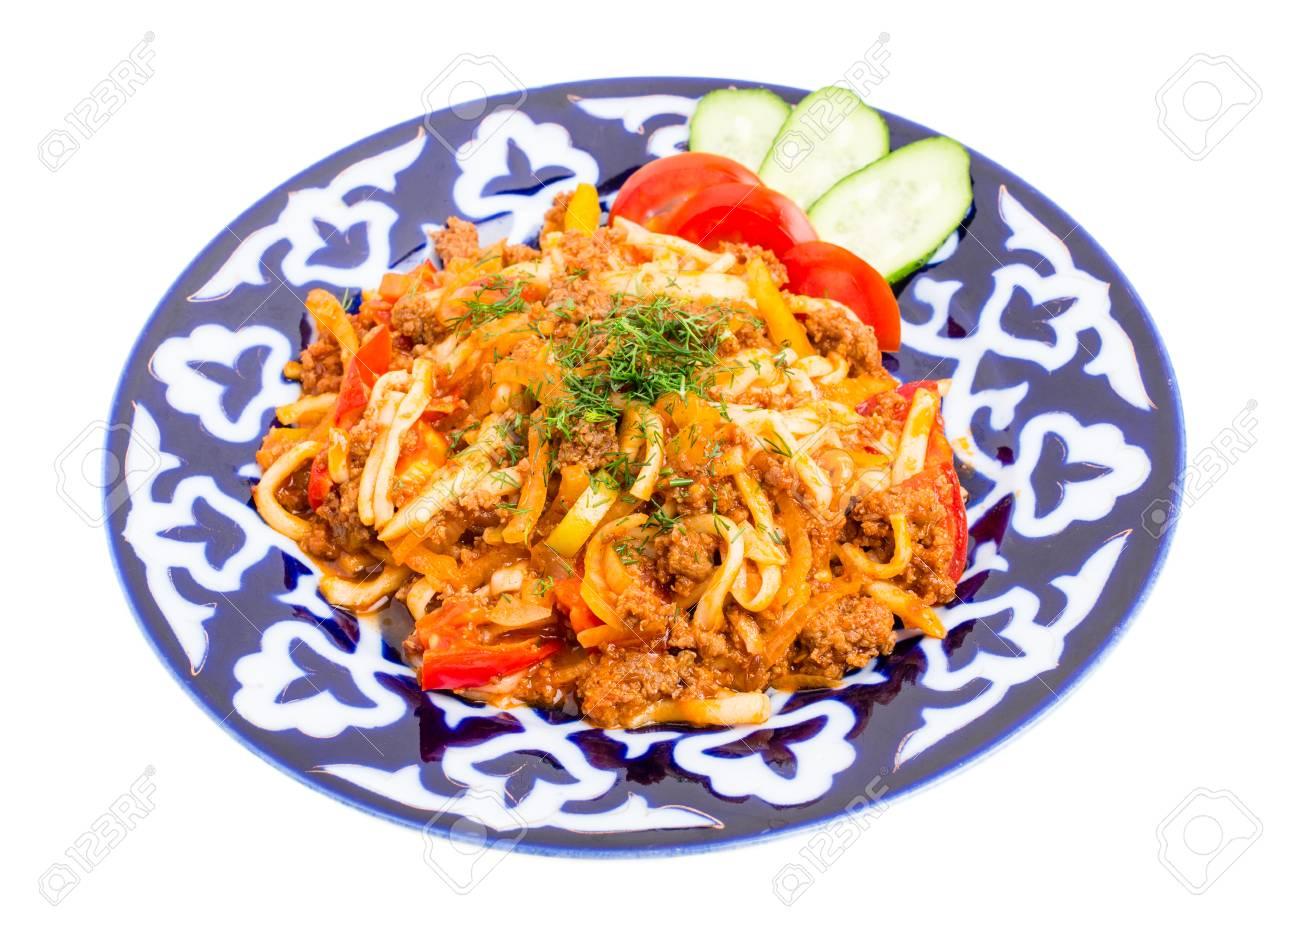 Asian noodles baked foto 759